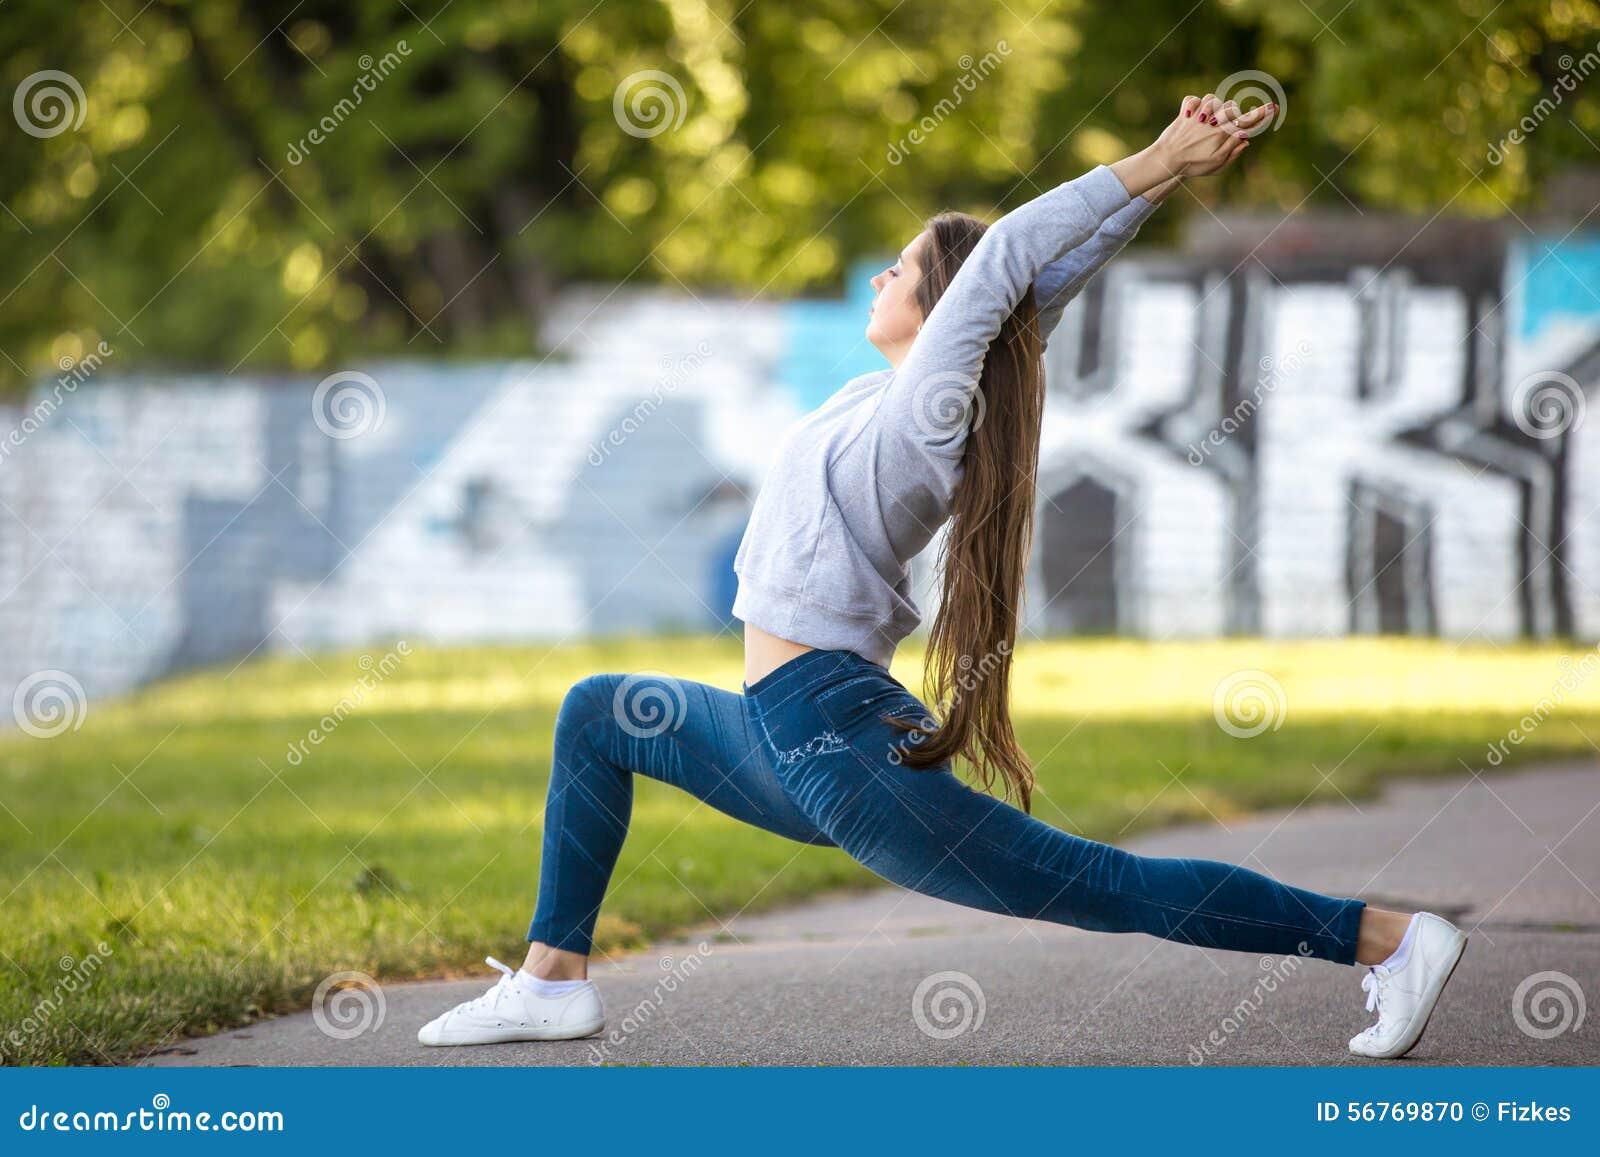 Belle Jeune Femme Sportive Dans La Pose De Yoga En Parc Photo stock ... 42b42673ede